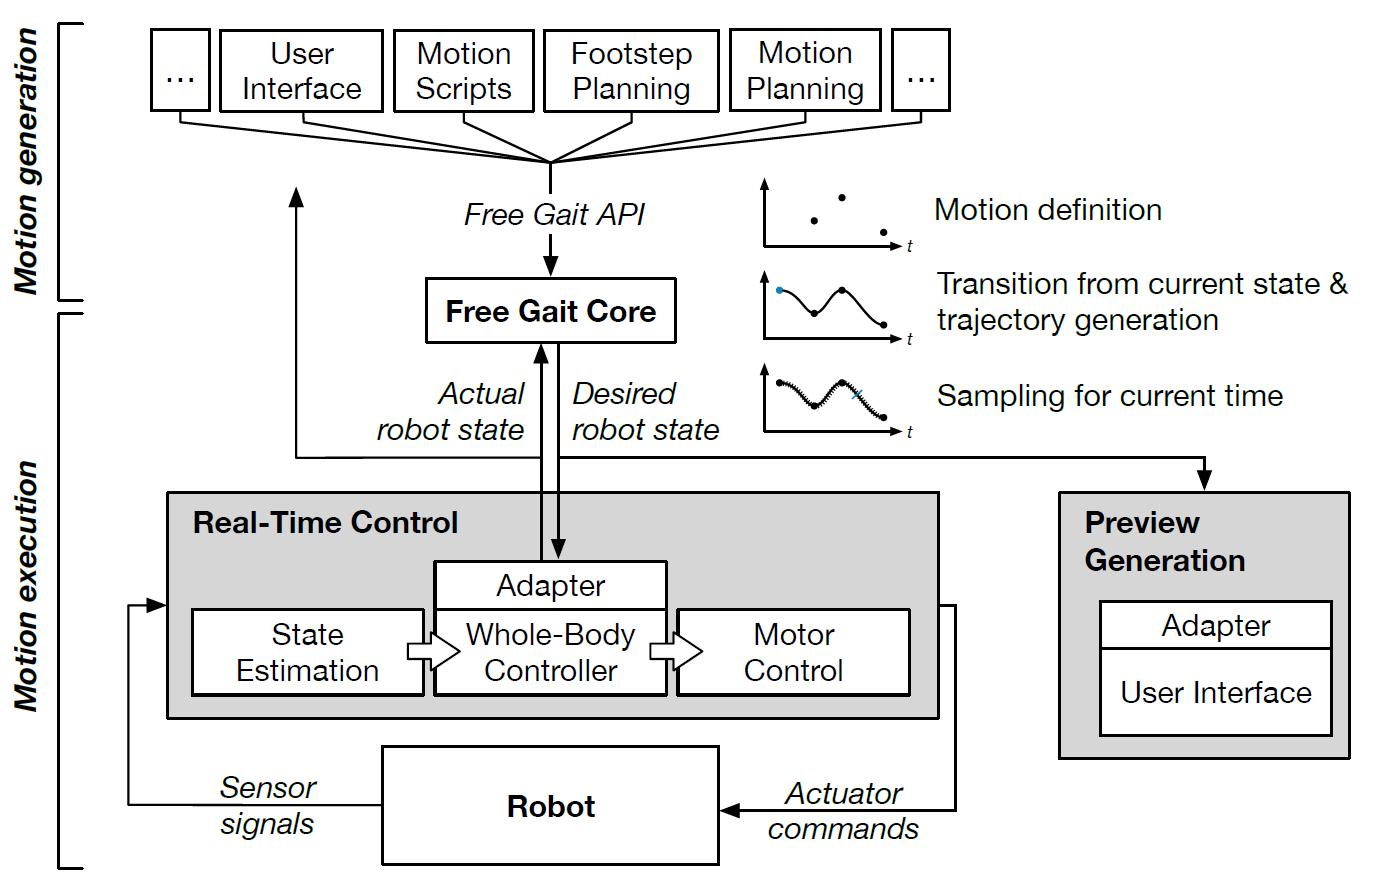 Как работает Spot от Boston Dynamics? Возможный ответ - 6